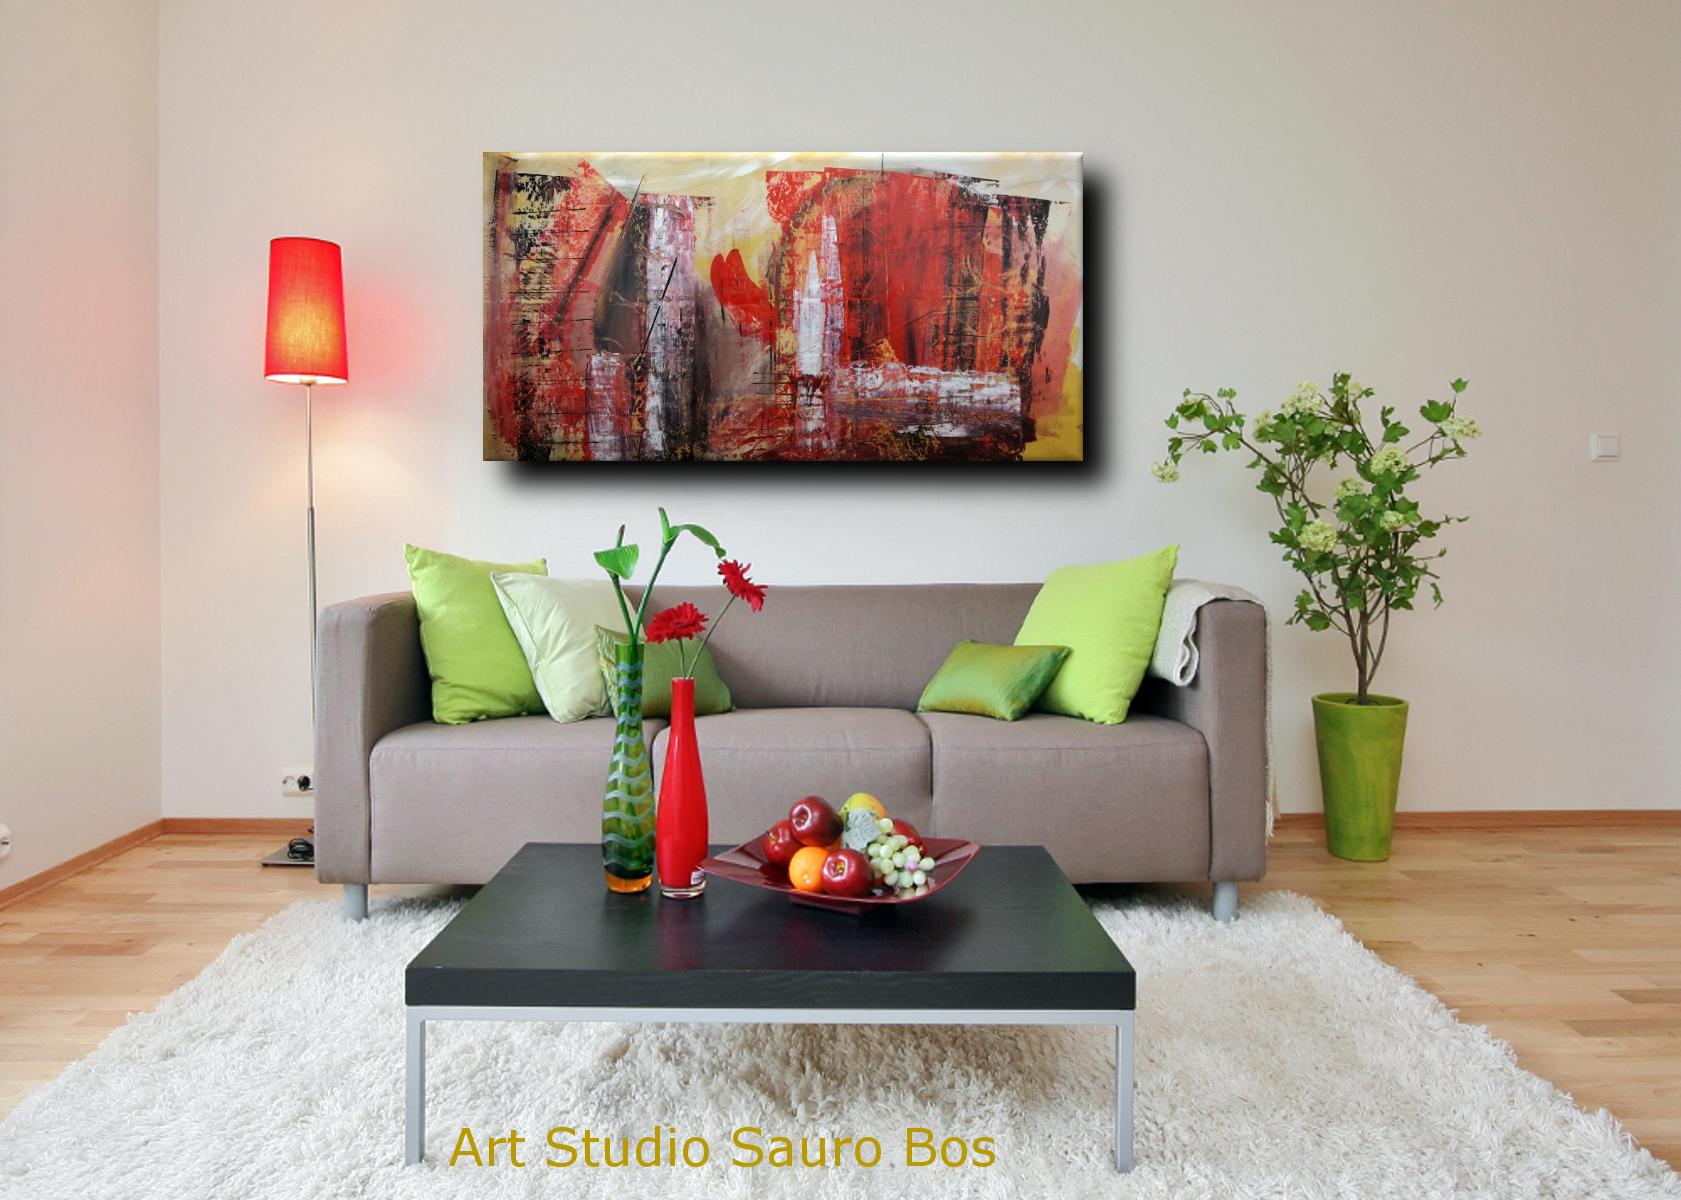 quadri astratti informali per soggiorno 160x80 | sauro bos